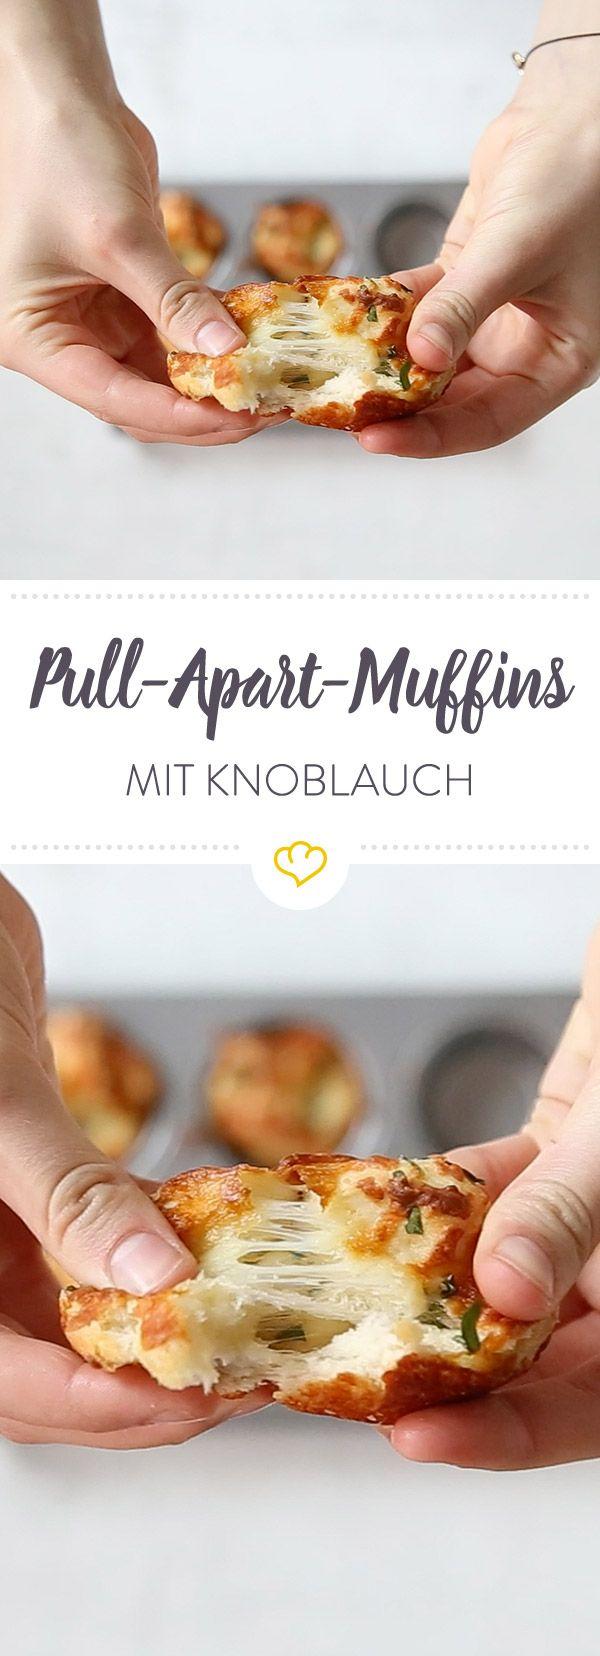 Im Sommer genauso gut wie im Winter - Pull-Apart-Knoblauch-Muffins. Dank Sonntagsbrötchen in Windeseile gebacken und mindestens genauso schnell verputzt.